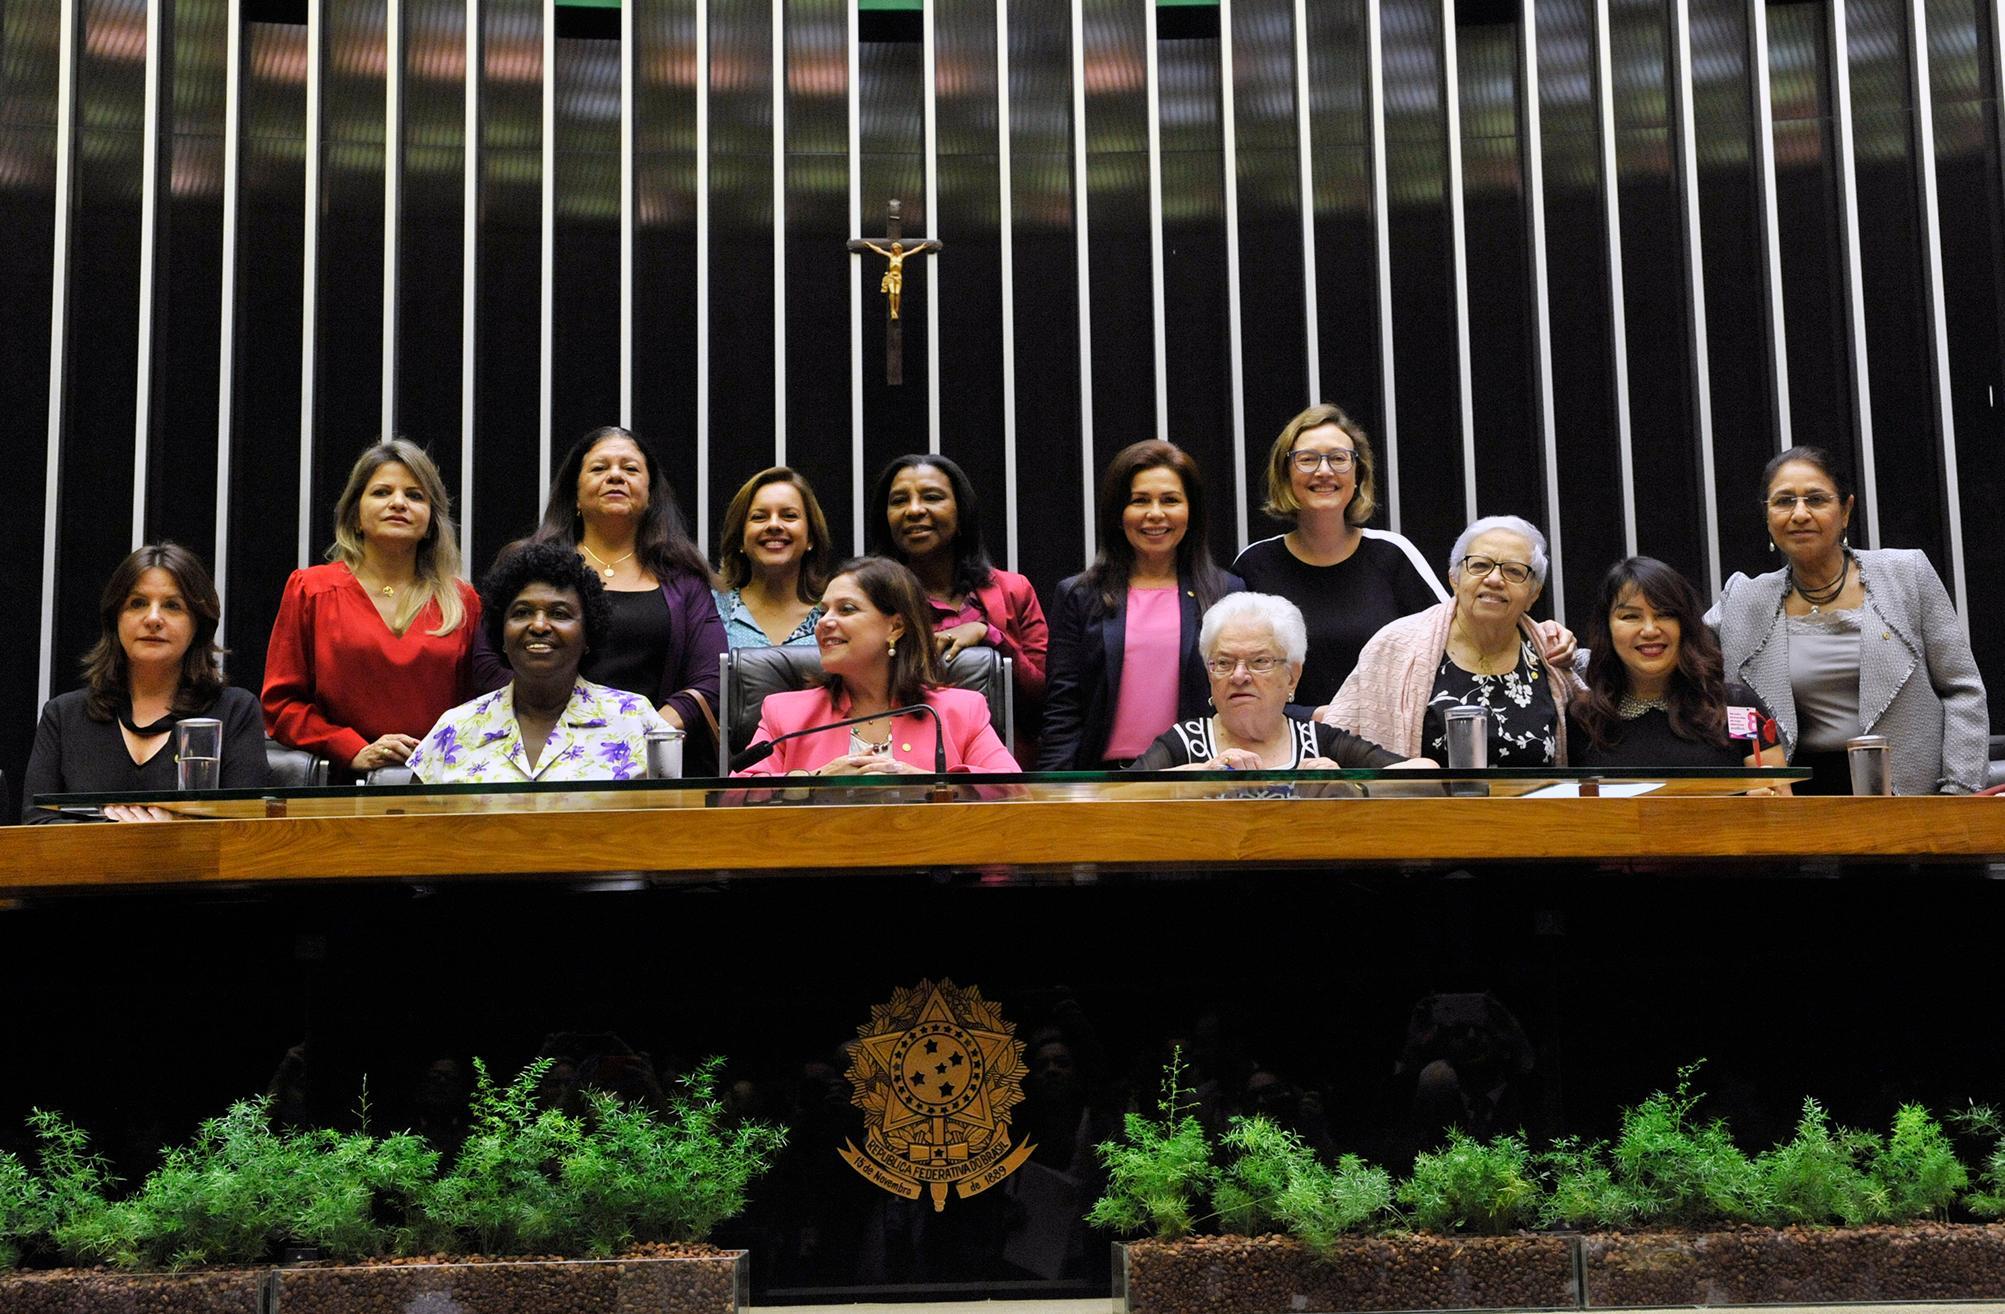 Outorga da Medalha Mietta Santiago em Comemoração ao Dia Internacional da Mulher